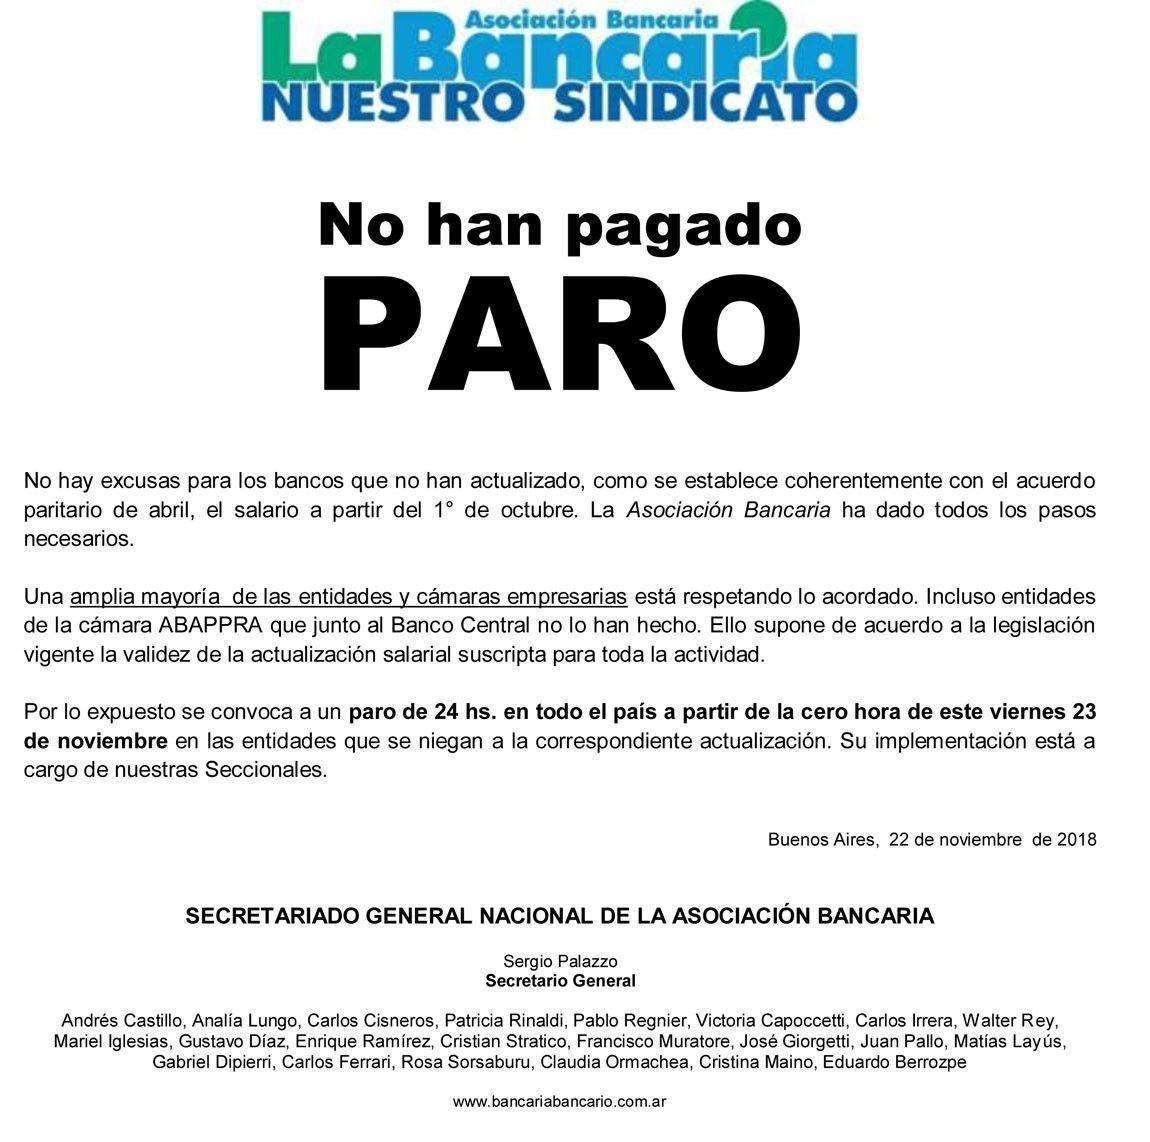 BANCARIOS ANUNCIARON UN PARO DE 24 HORAS PARA ESTE VIERNES EN TODO EL PAÍS